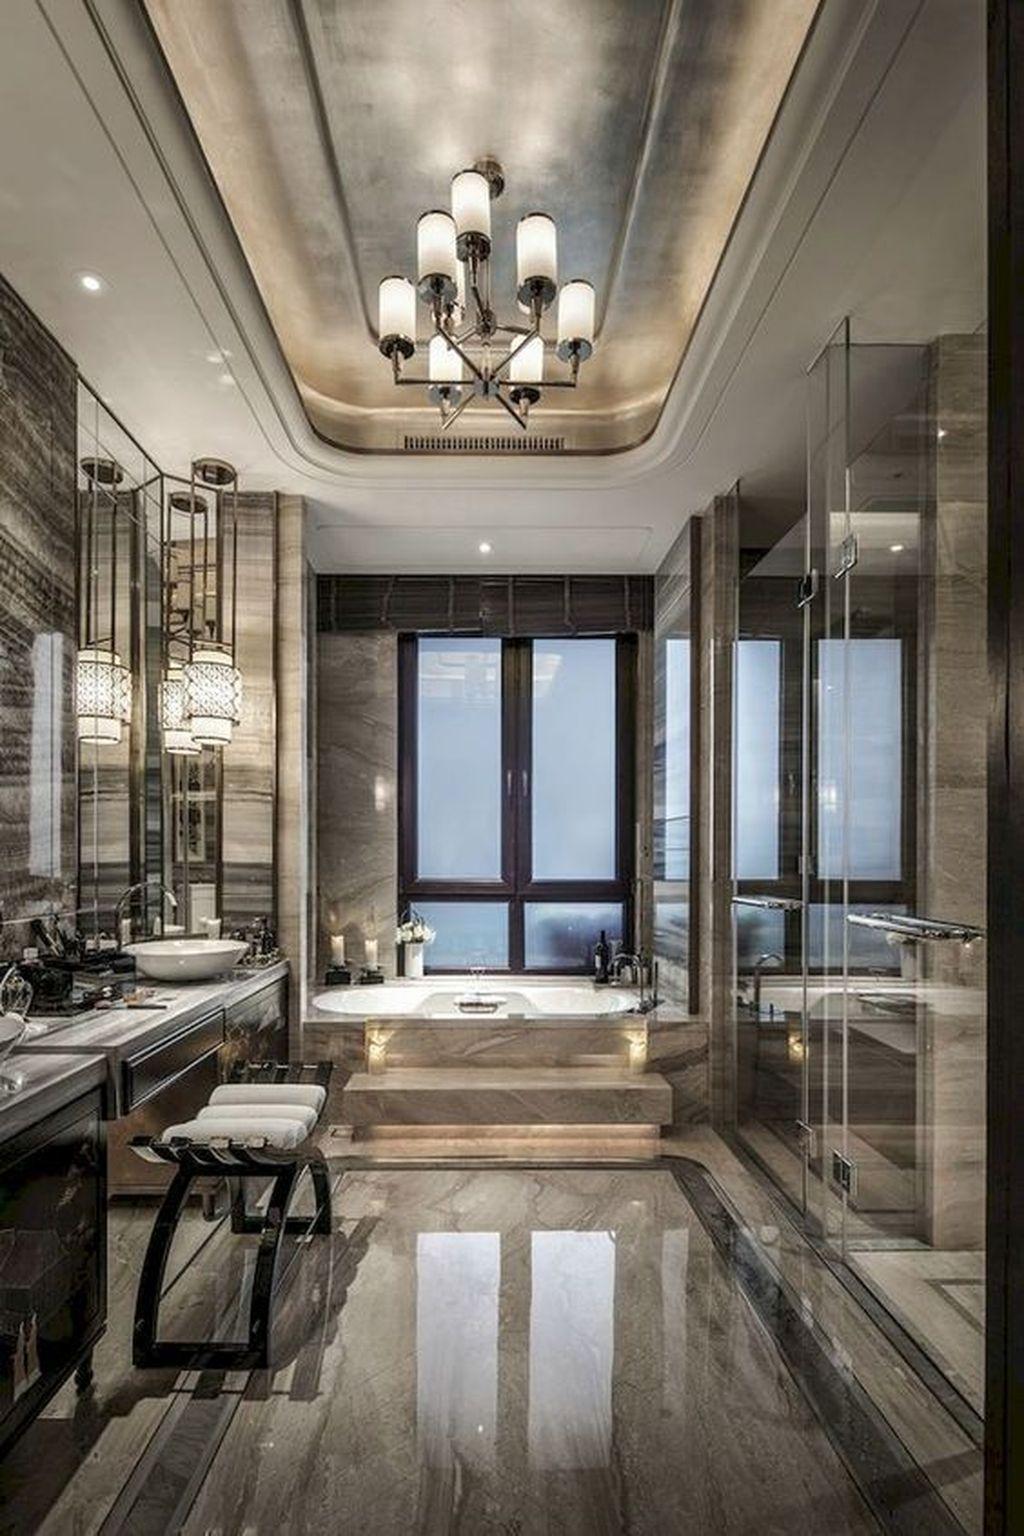 Luxury Bathroom Decoration Ideas For Enjoying Your Bath44